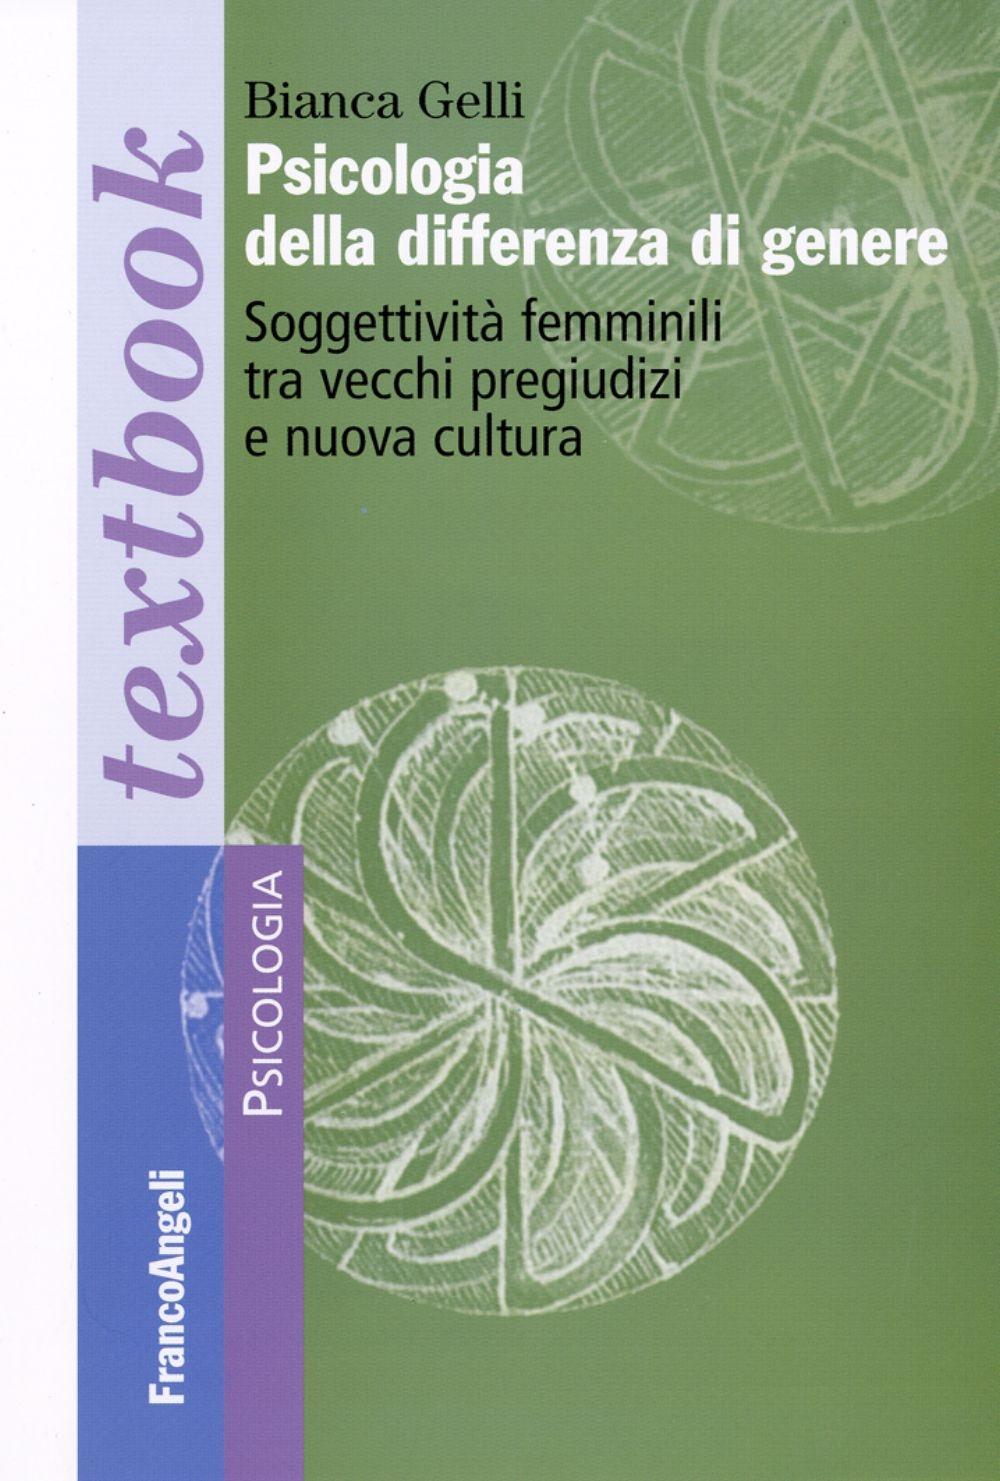 Psicologia della Differenza di Genere. Soggettività Femminili tra Vecchi Pregiudizi e Nuova Cultura.